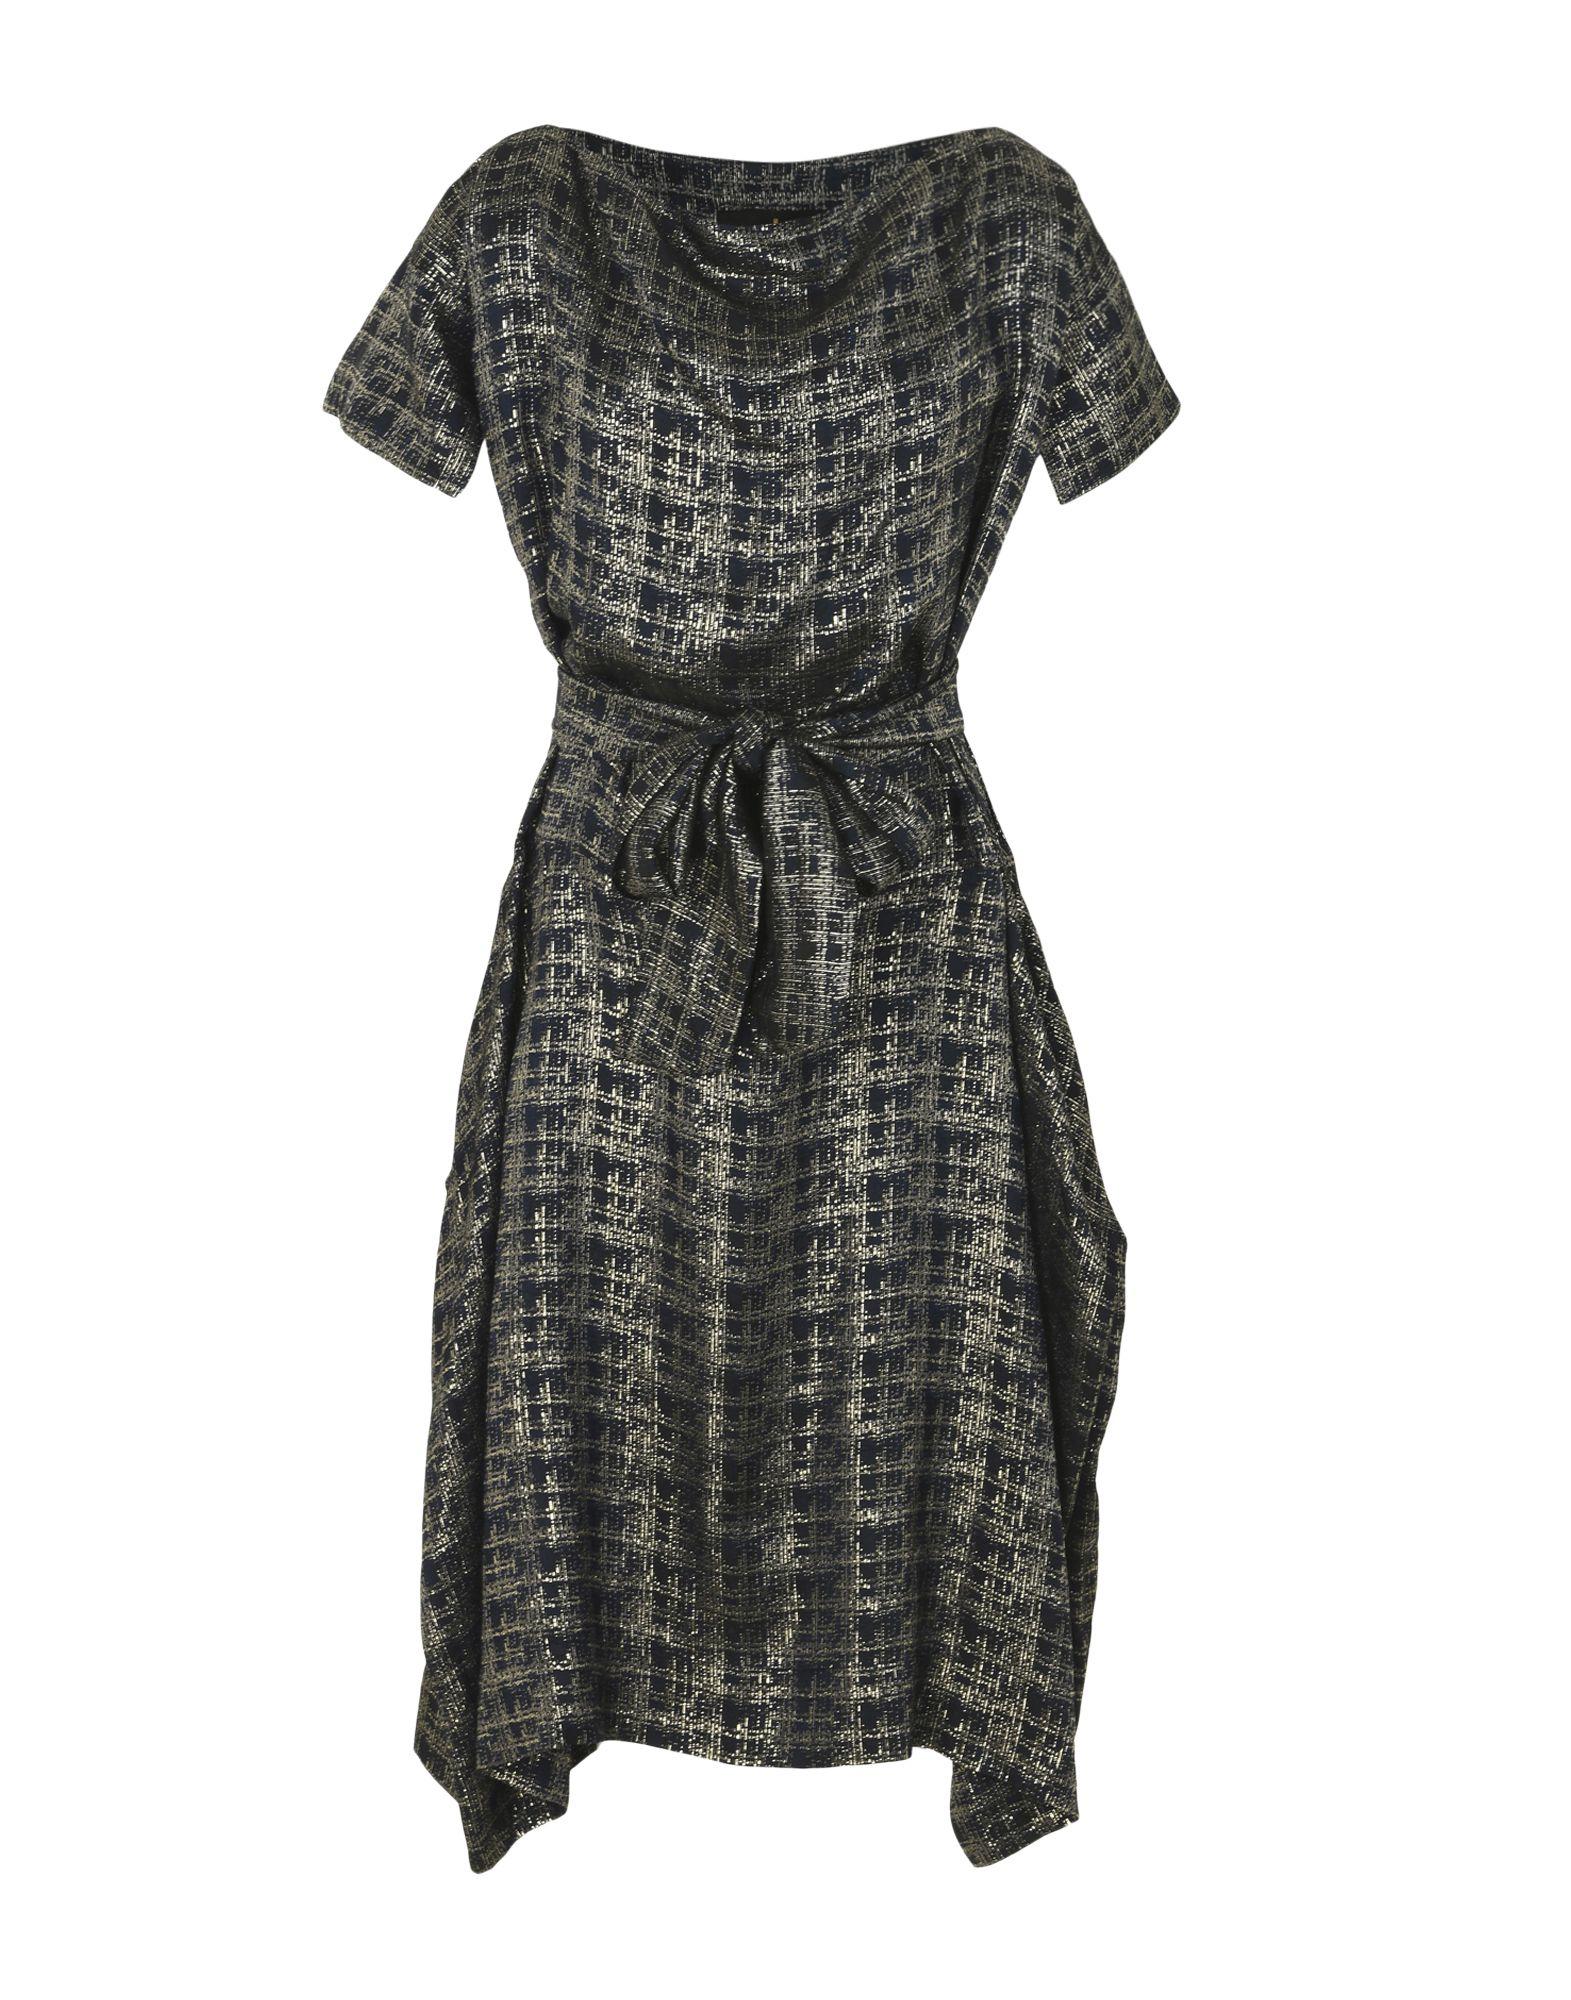 Vestito Al Ginocchio Vivienne Westwood Anglomania Kite Dress - Donna - Acquista online su iQKm3o